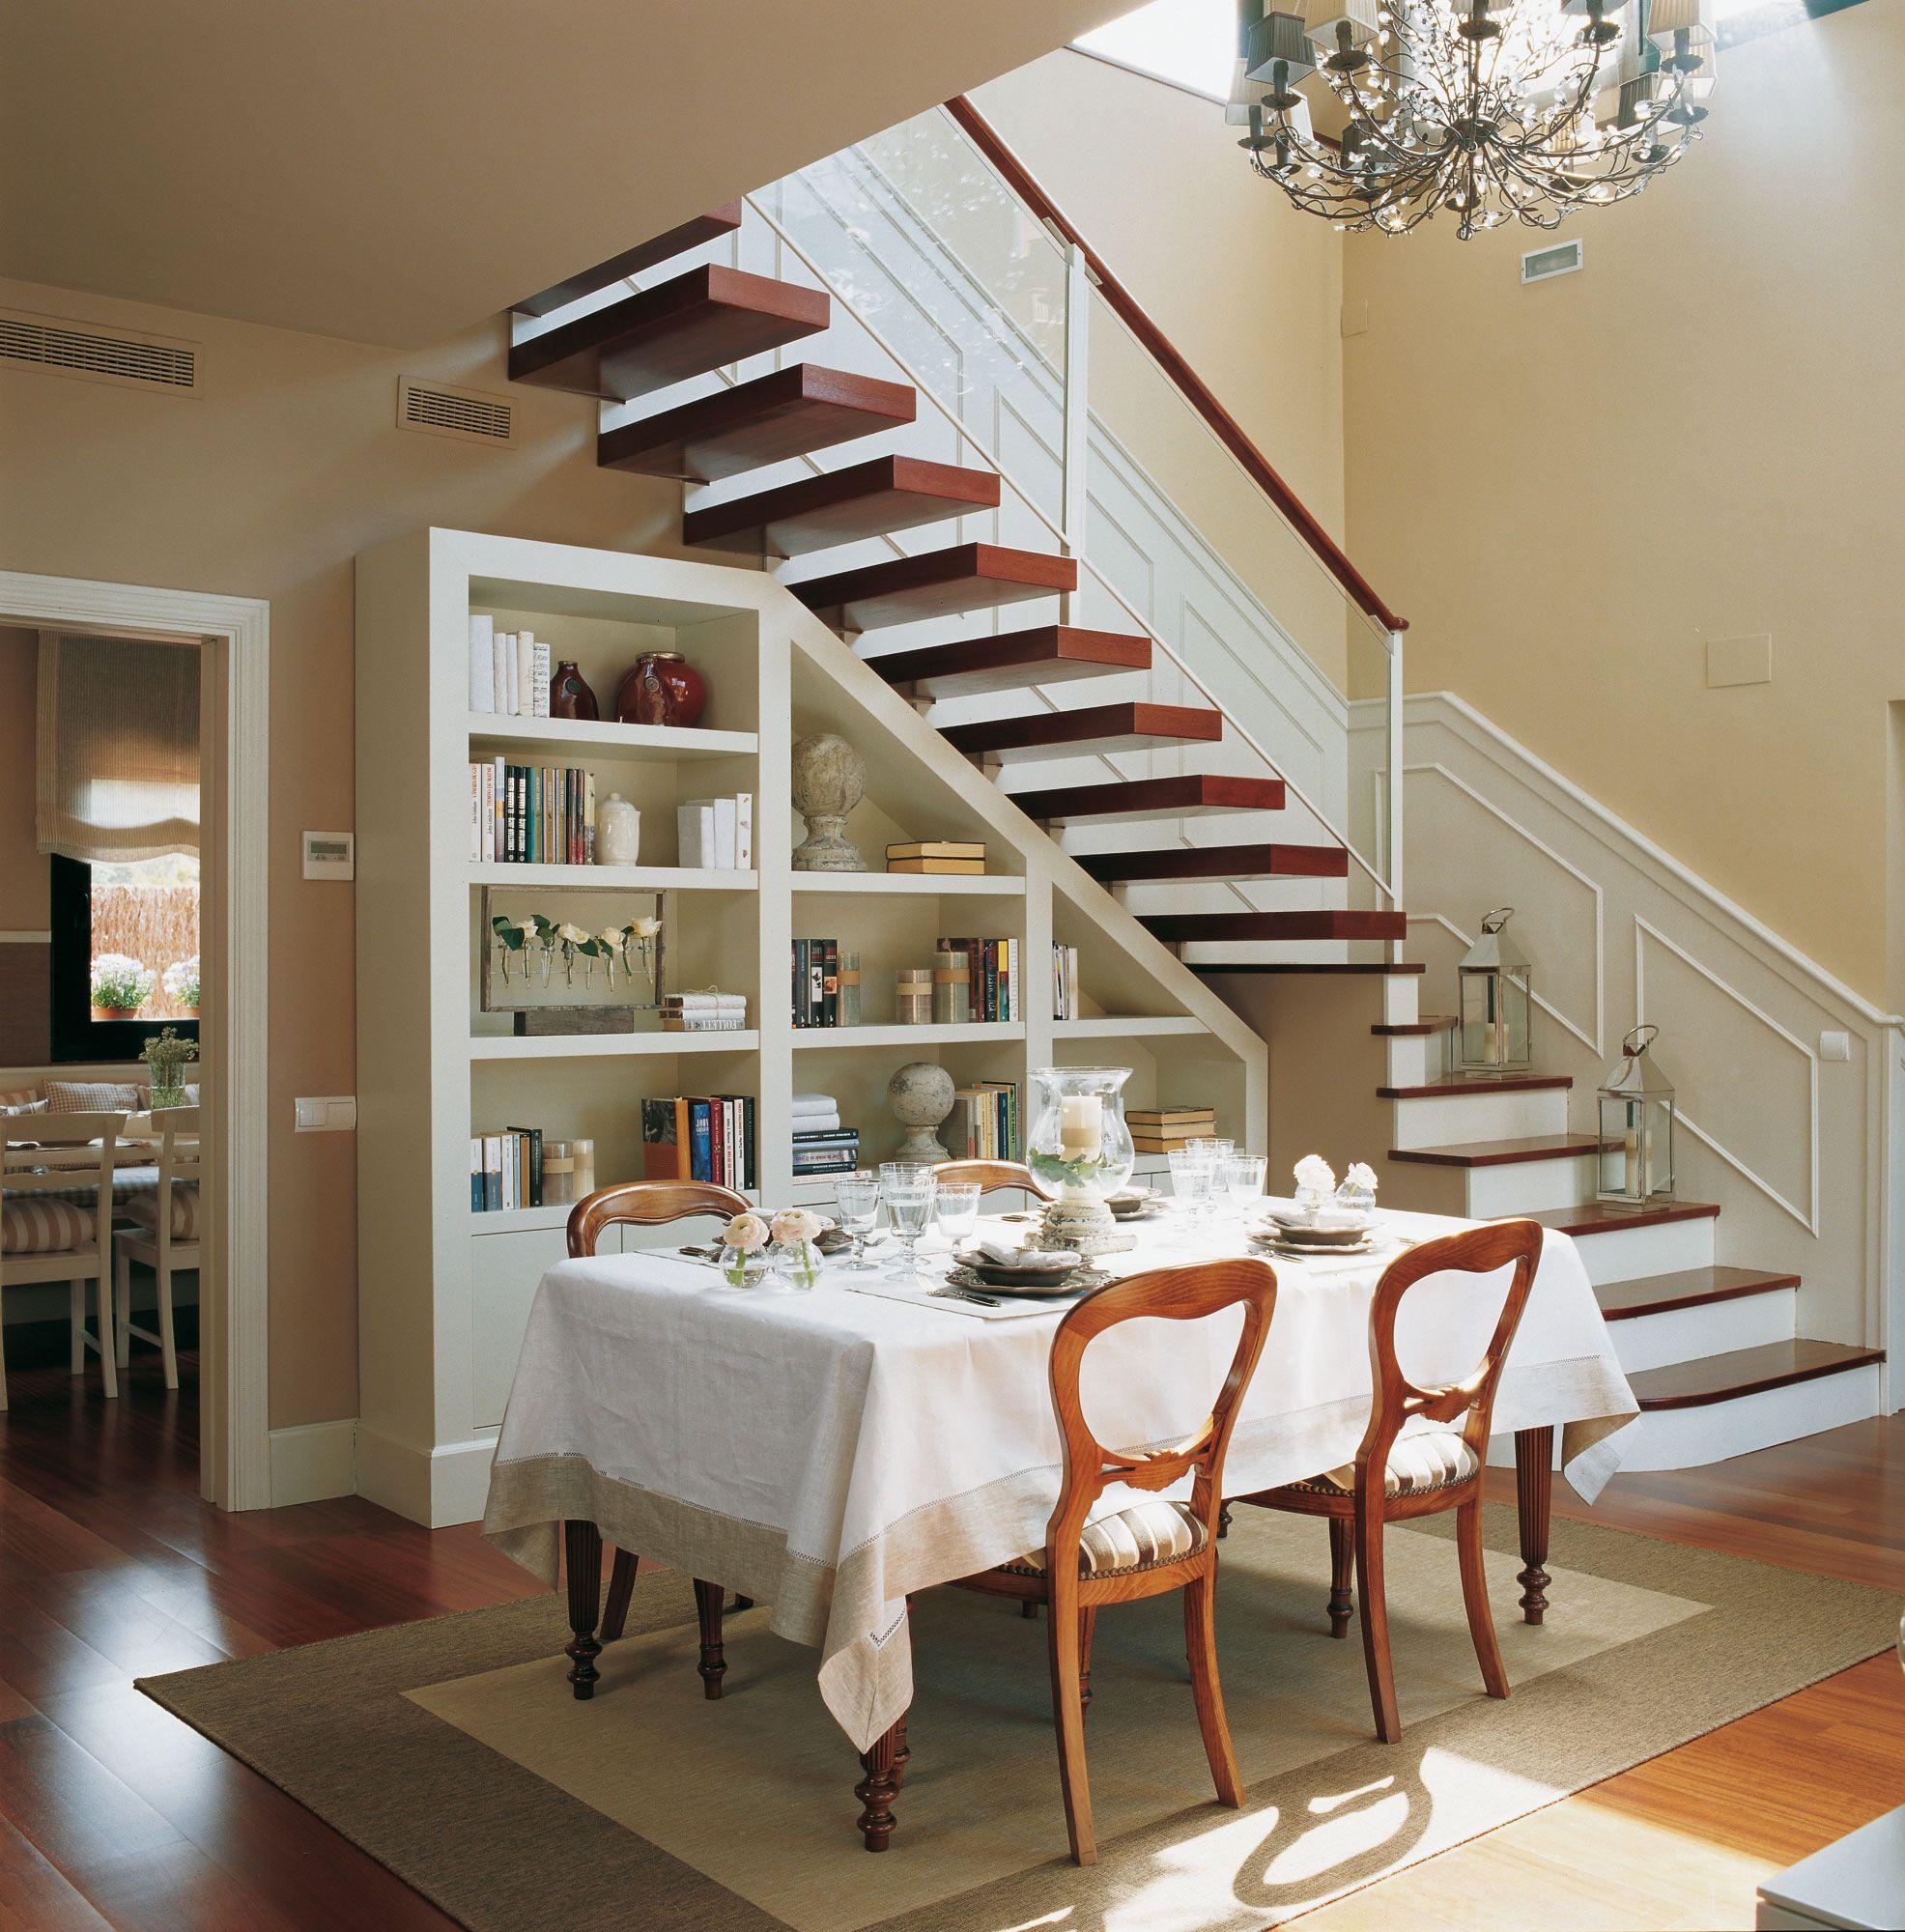 Aprovecha el hueco bajo la escalera calaixos reciclats for Banos debajo hueco escalera